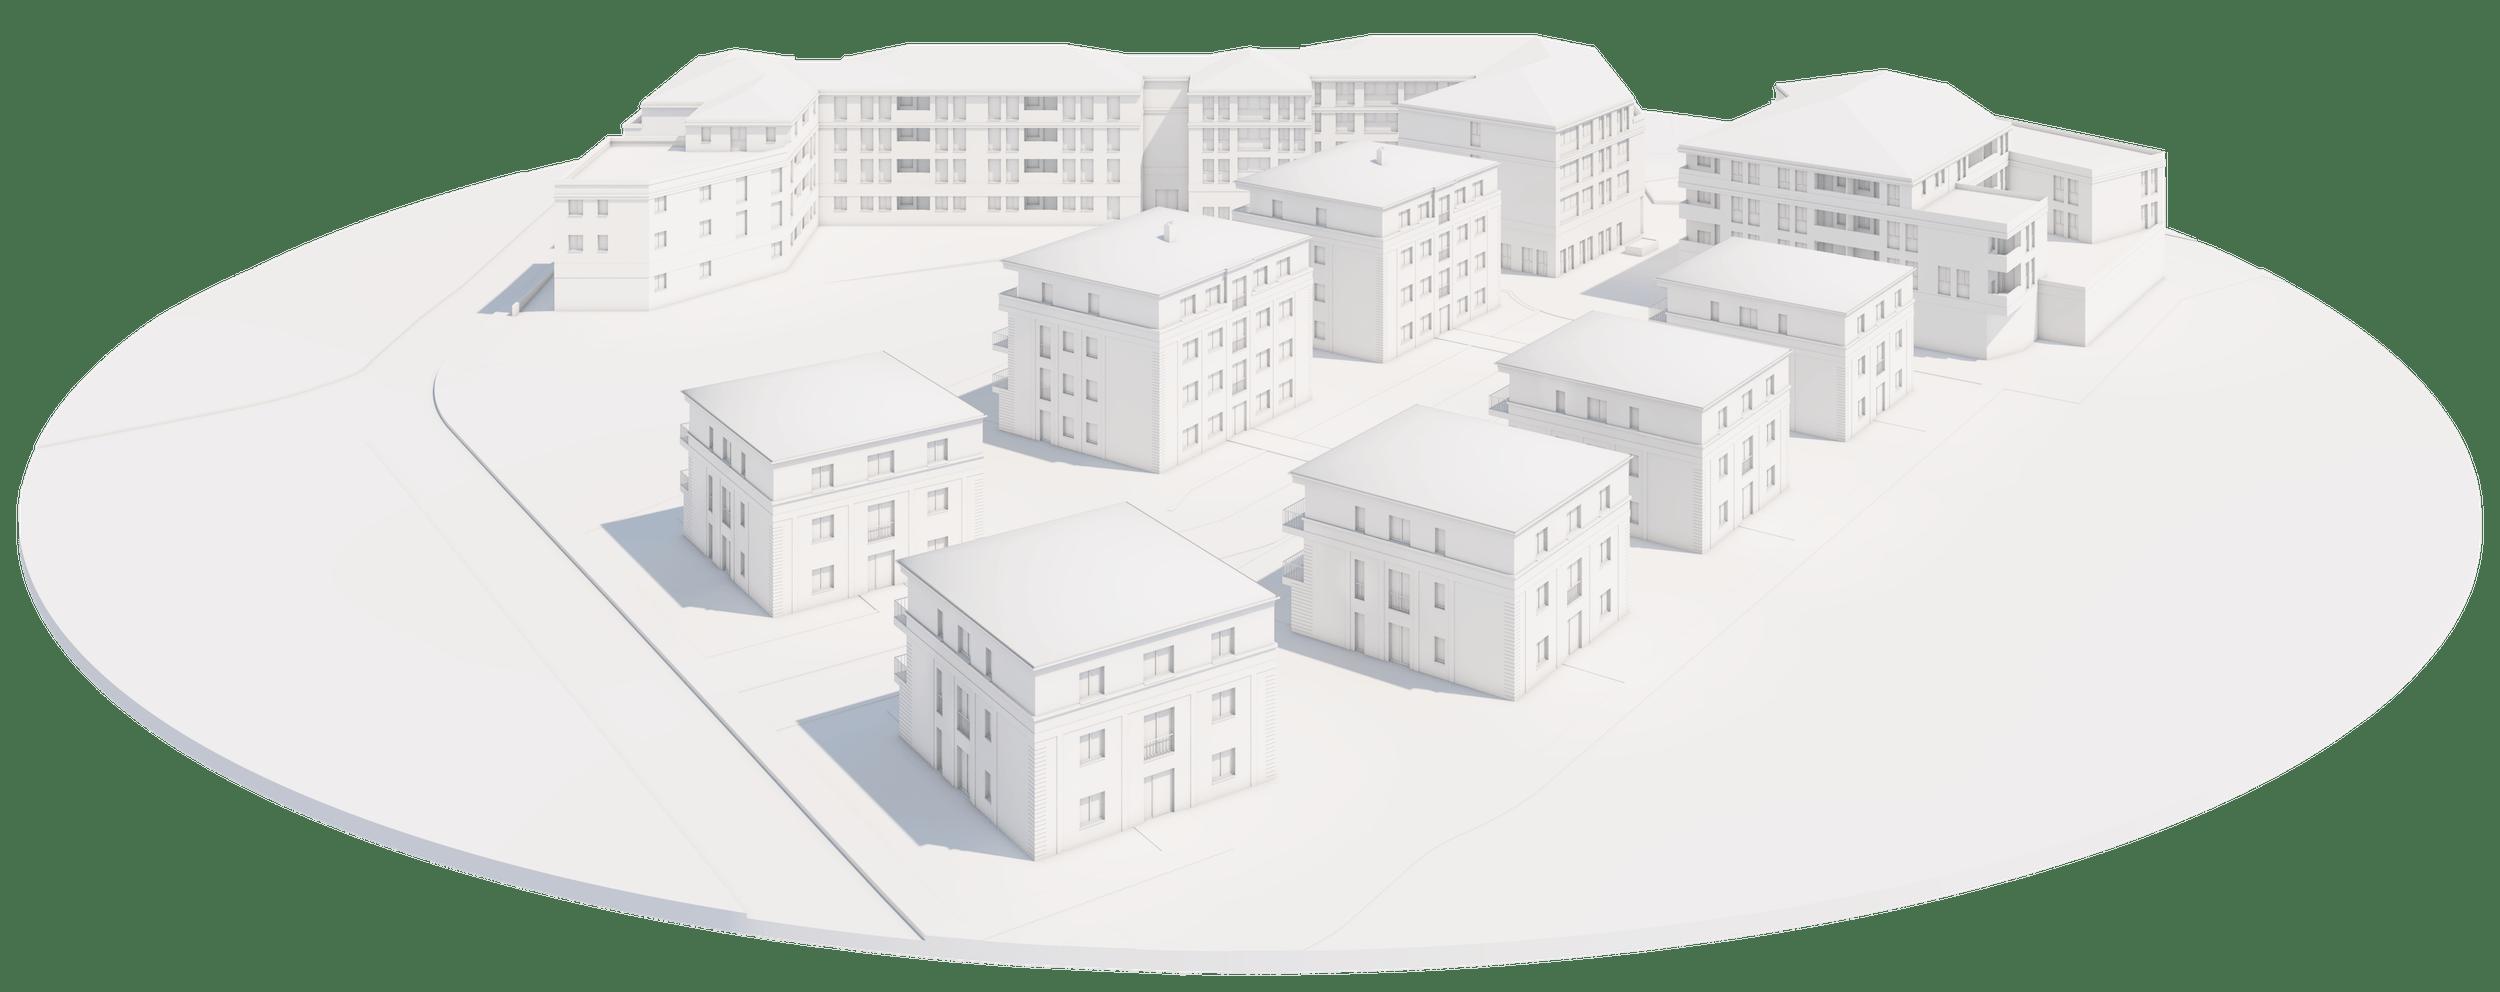 Villenpark Altradebeul 3D-Modell